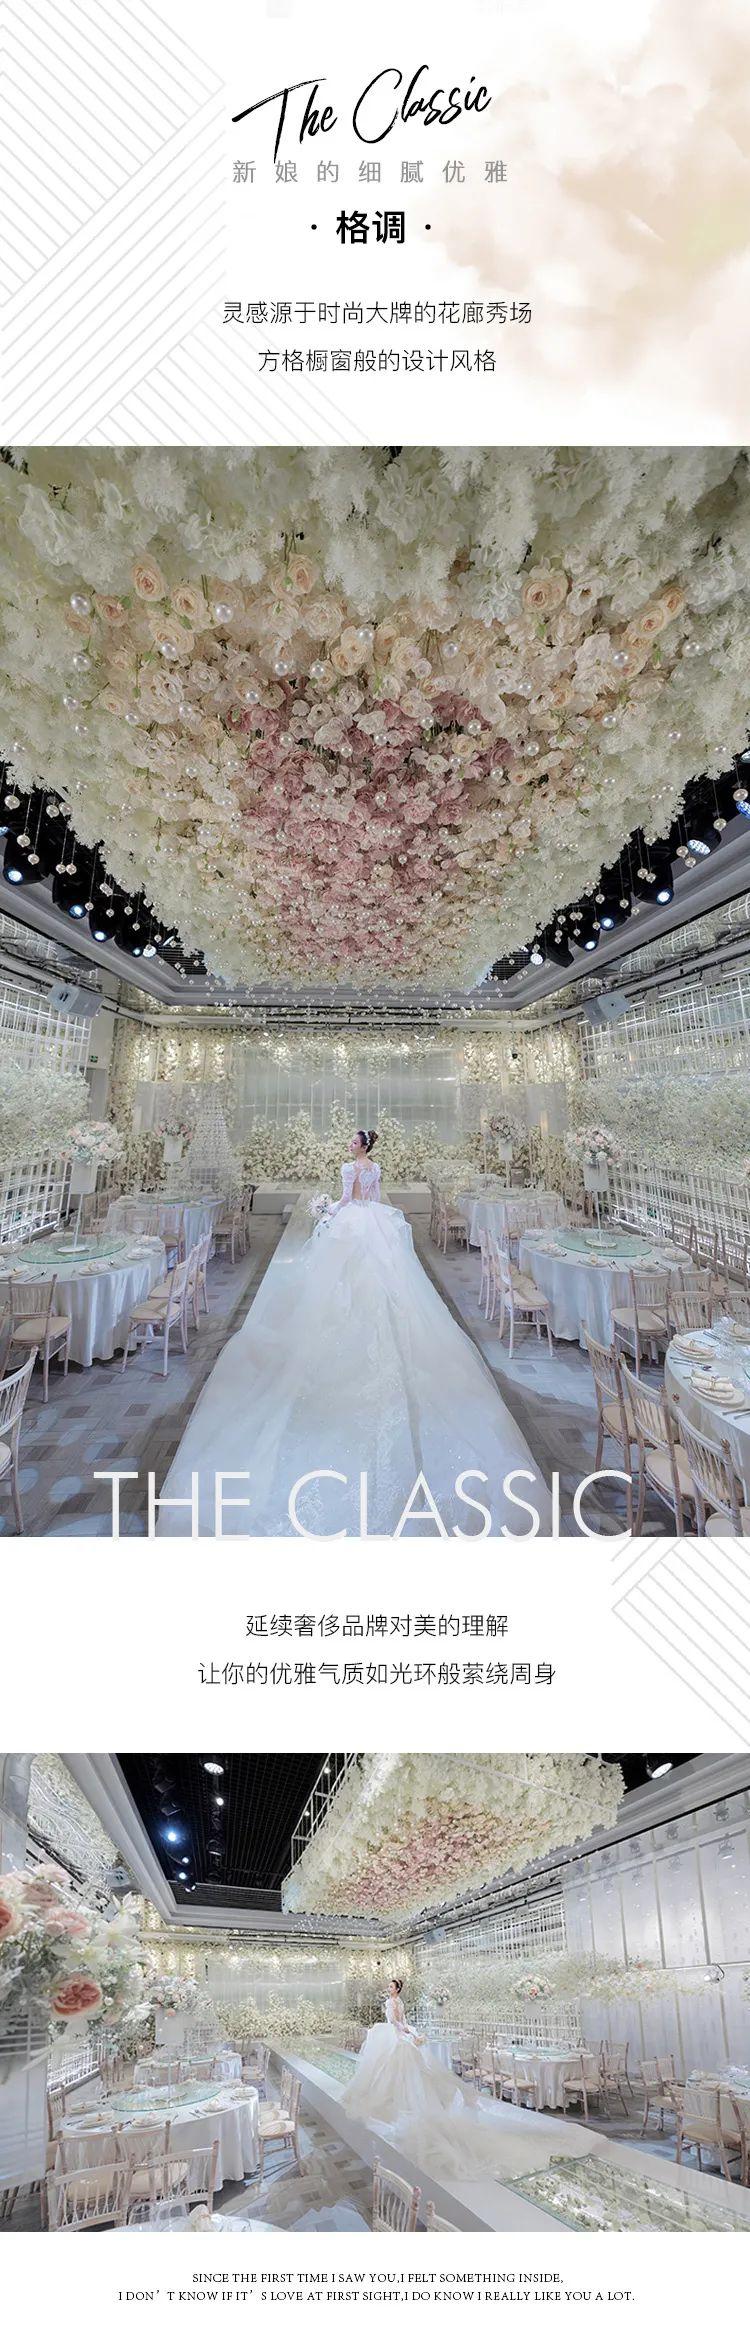 婚礼堂发布:花嫁丽舍X赖梓愈,婚礼艺术空间即将亮相  第4张